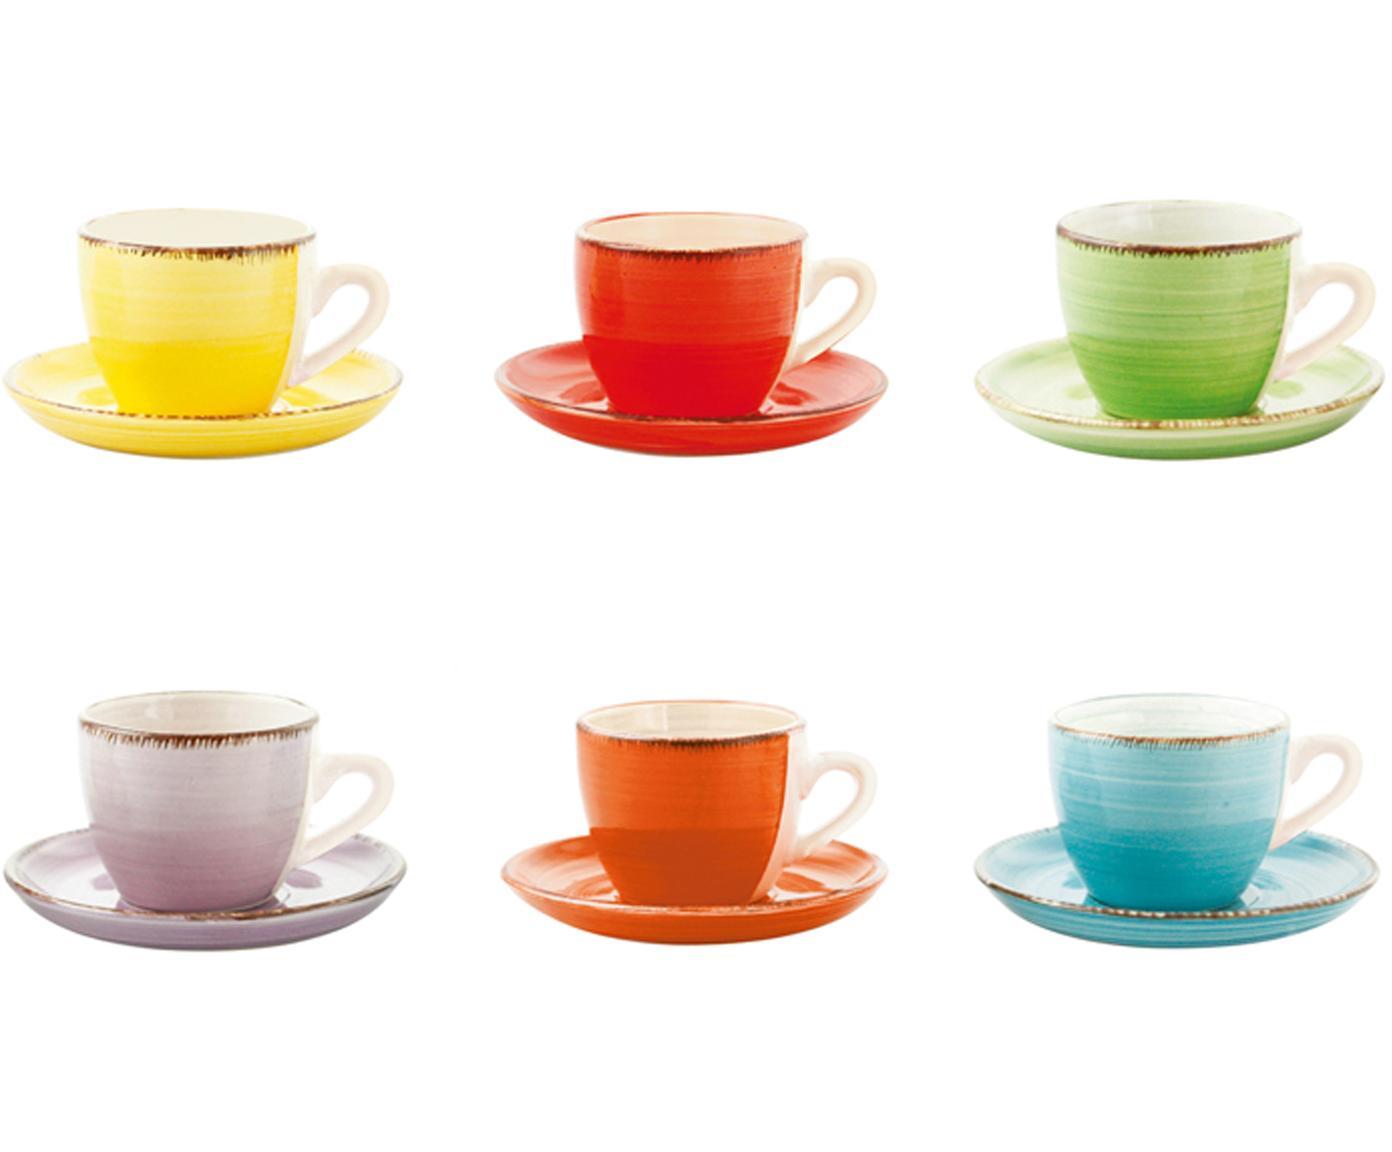 Komplet filiżanek do espresso Baita, 12 elem., Kamionka, Żółty, czerwony, jasny zielony, purpurowy, pomarańczowy, jasny niebieski, 90 ml